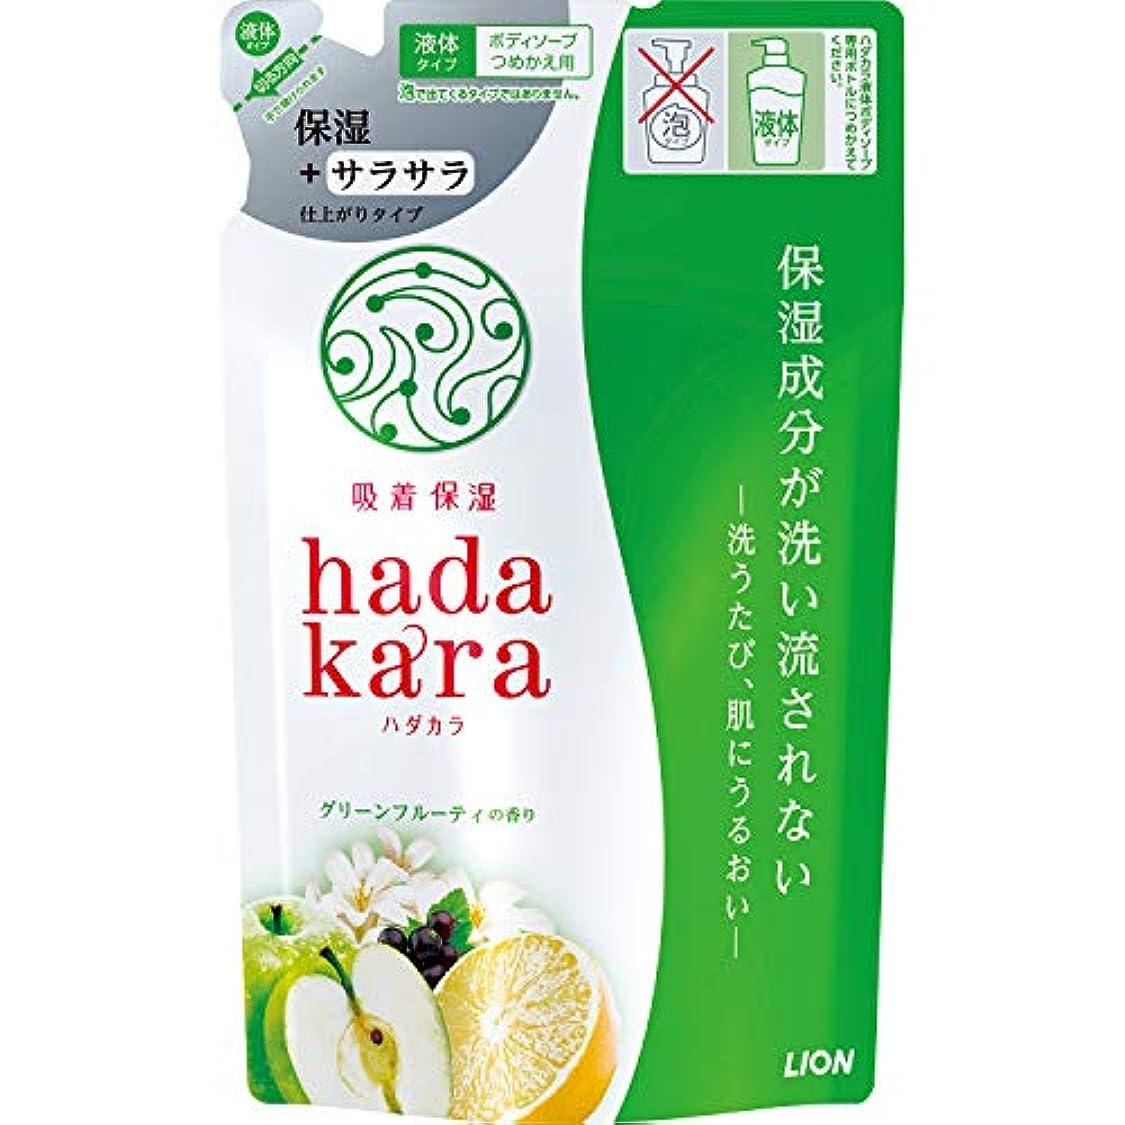 価値ゴミ被害者hadakara(ハダカラ) ボディソープ 保湿+サラサラ仕上がりタイプ グリーンフルーティの香り 詰め替え 340ml